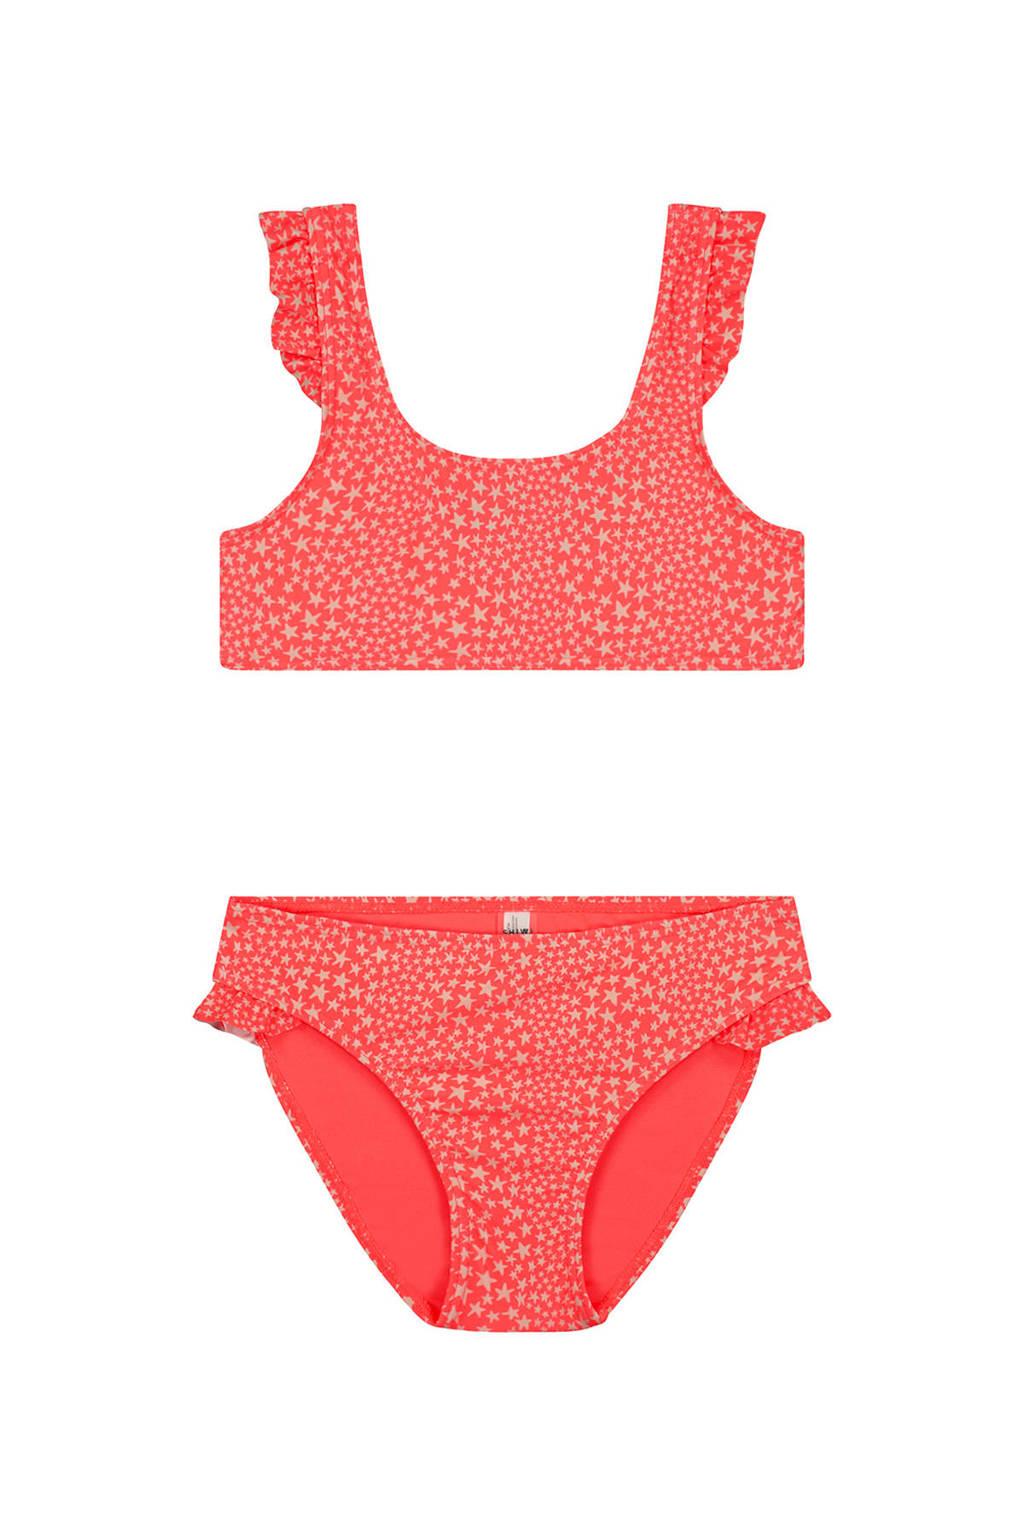 Shiwi bikini Tuvalu met sterren roze/wit, Roze/wit